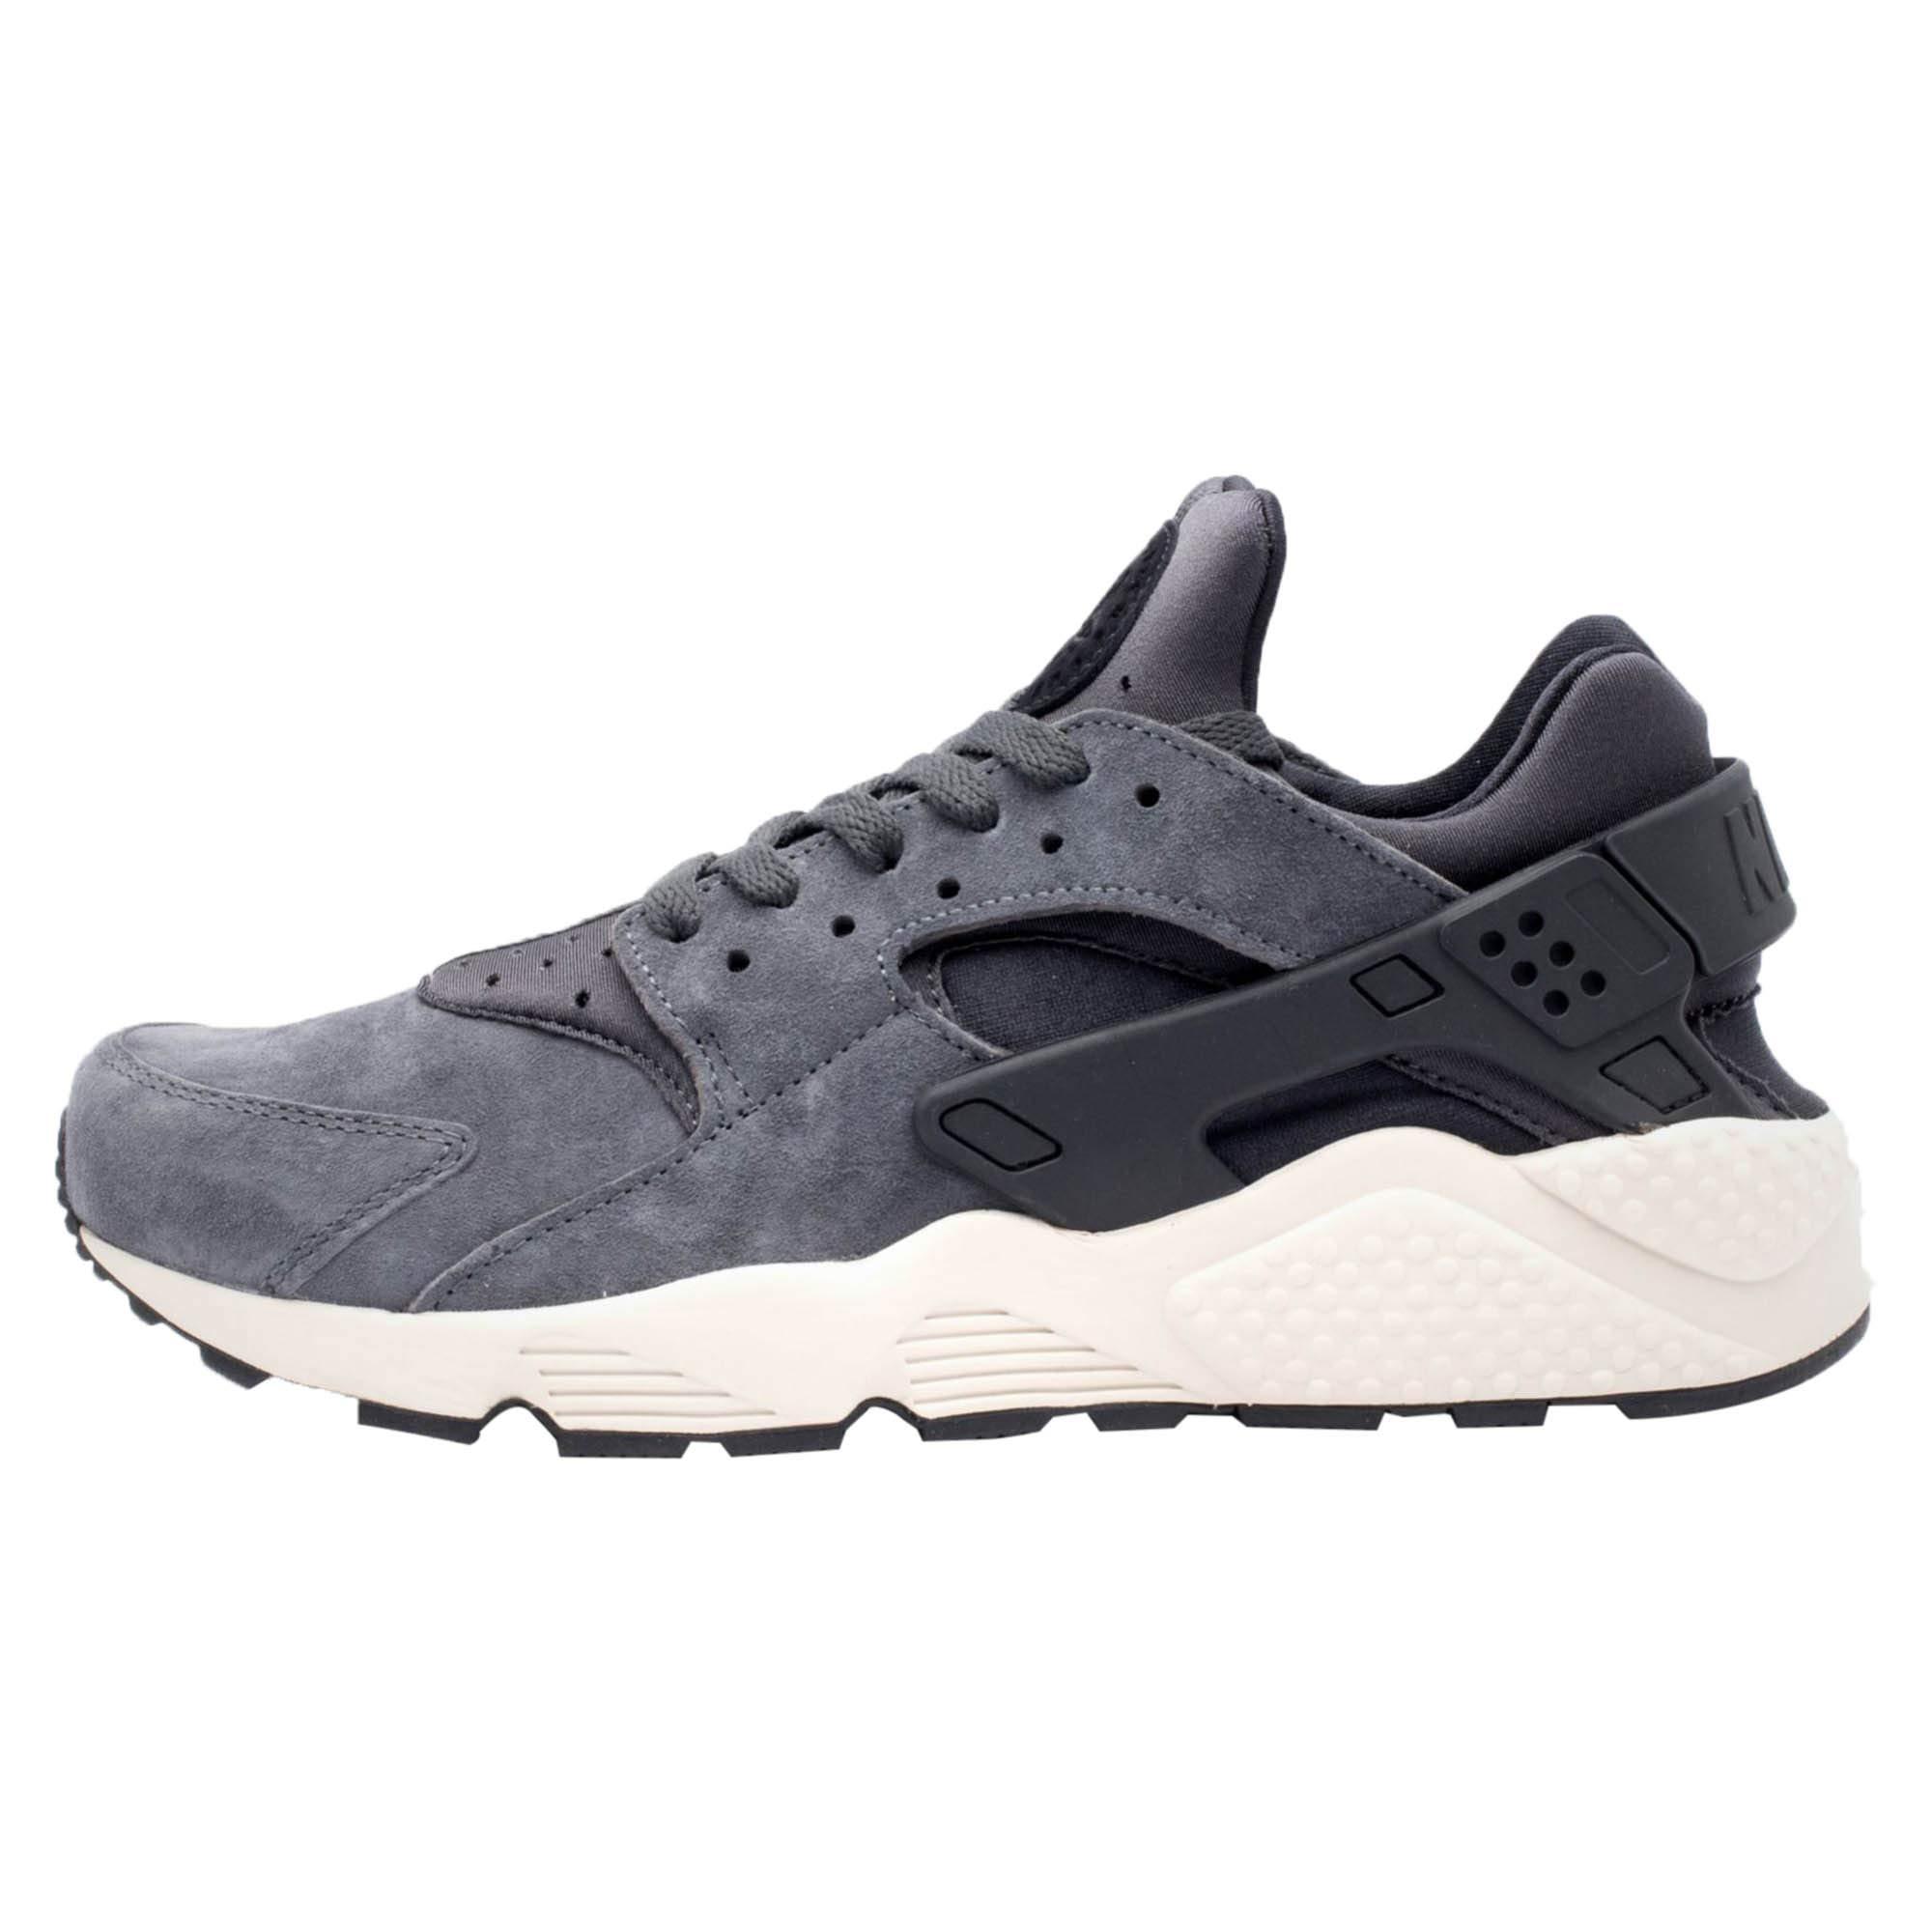 992819a1e516 Galleon - Nike Air Huarache Run PRM Mens Style   704830-016 Size   9 M US